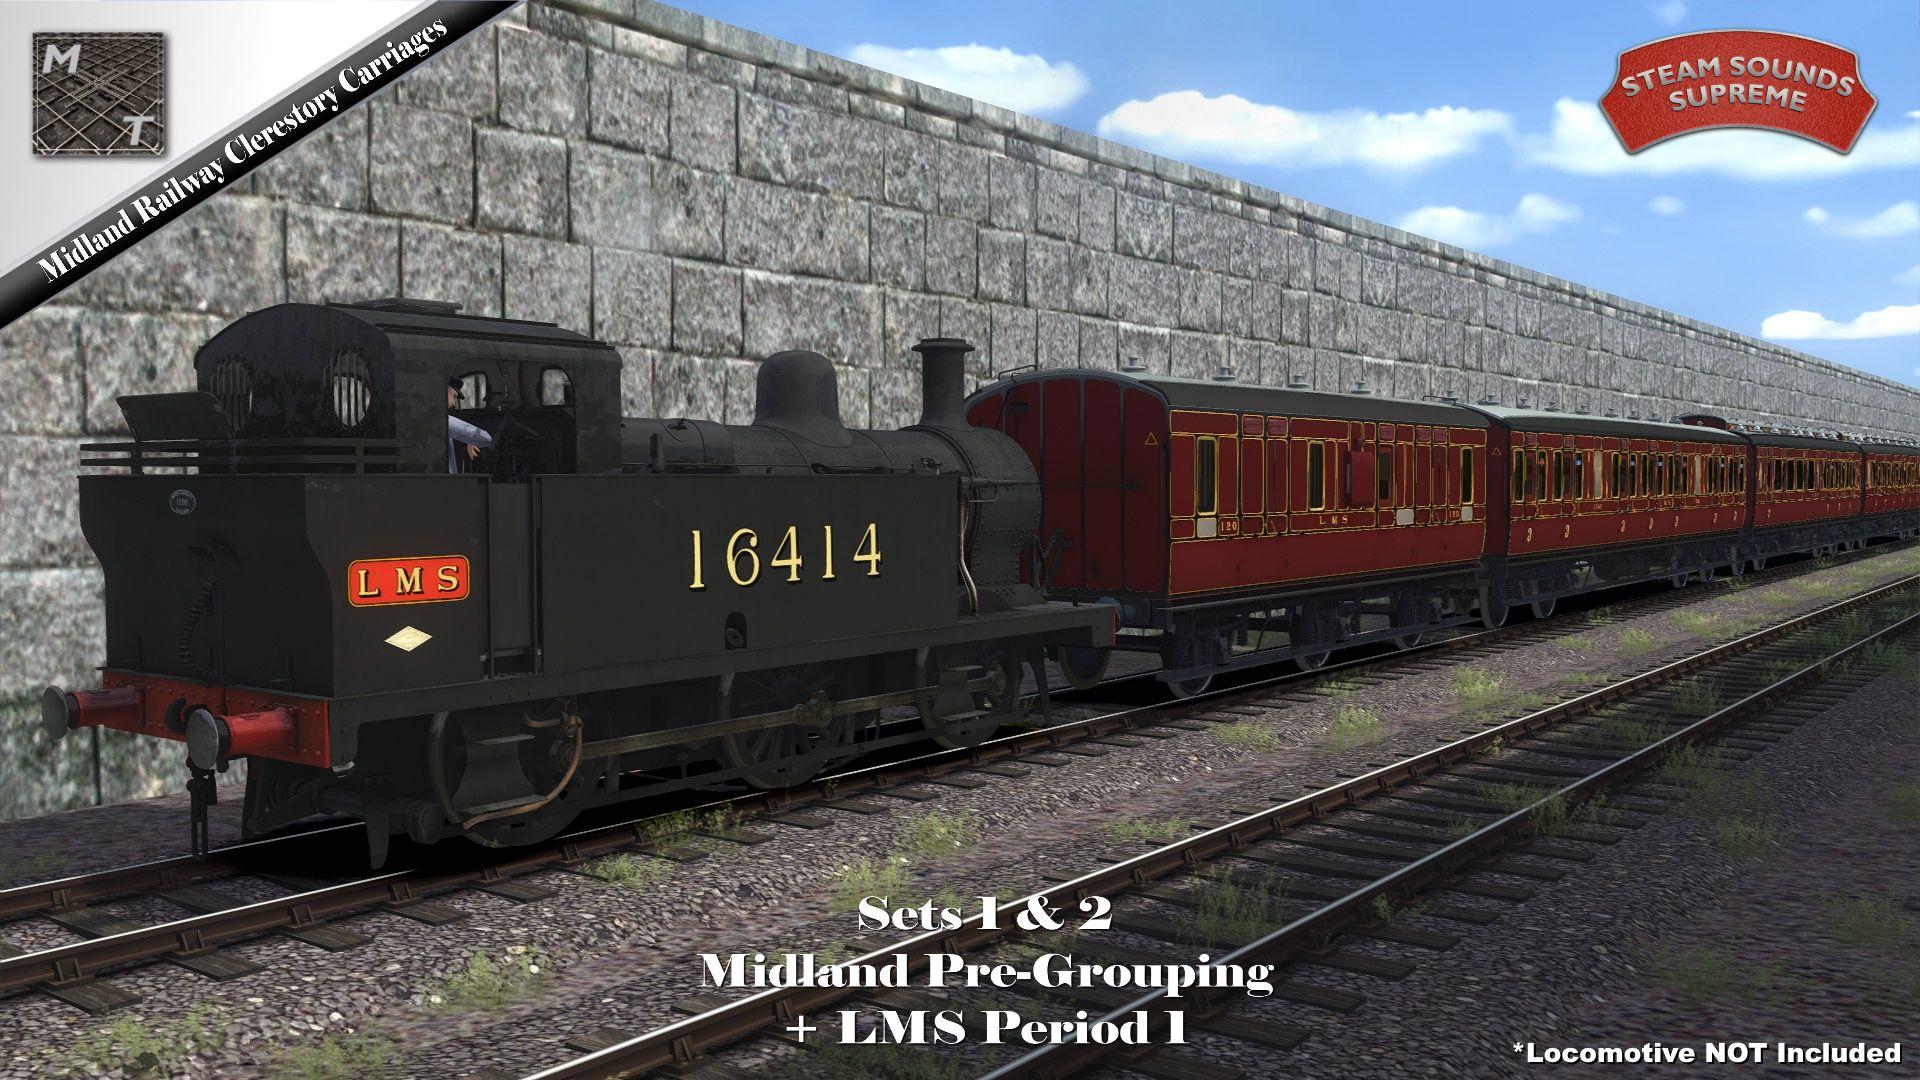 MidlandClerestorySet1+2_36.jpg